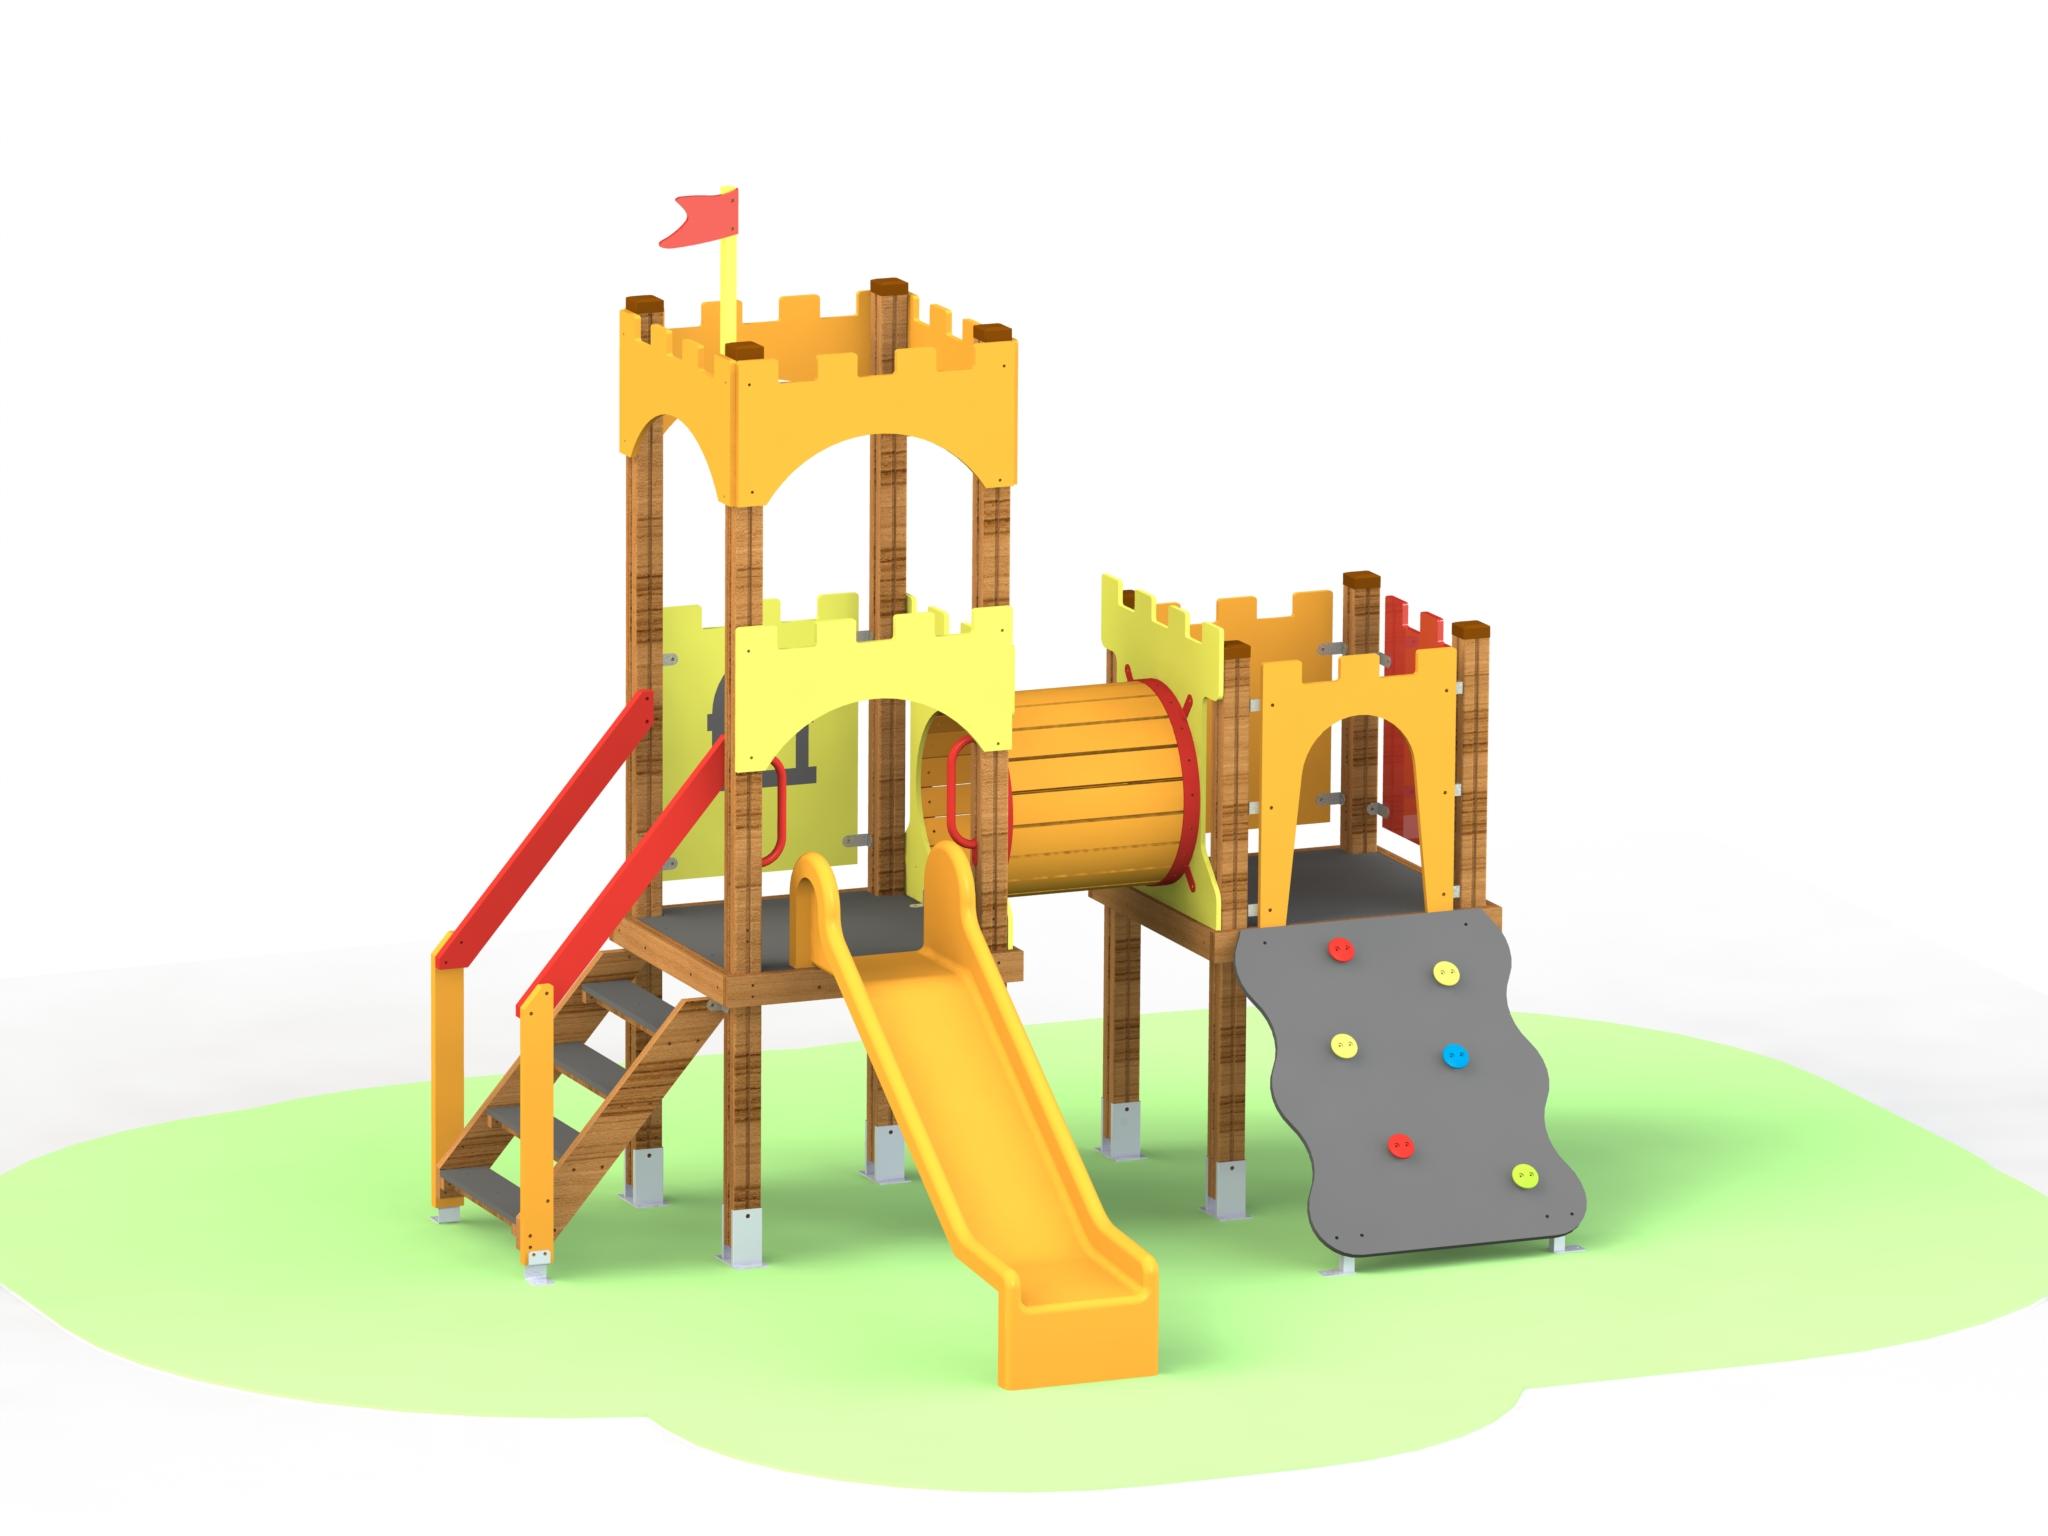 Снимка на продукта: Комбинирано детско съоръжение, модел КД73